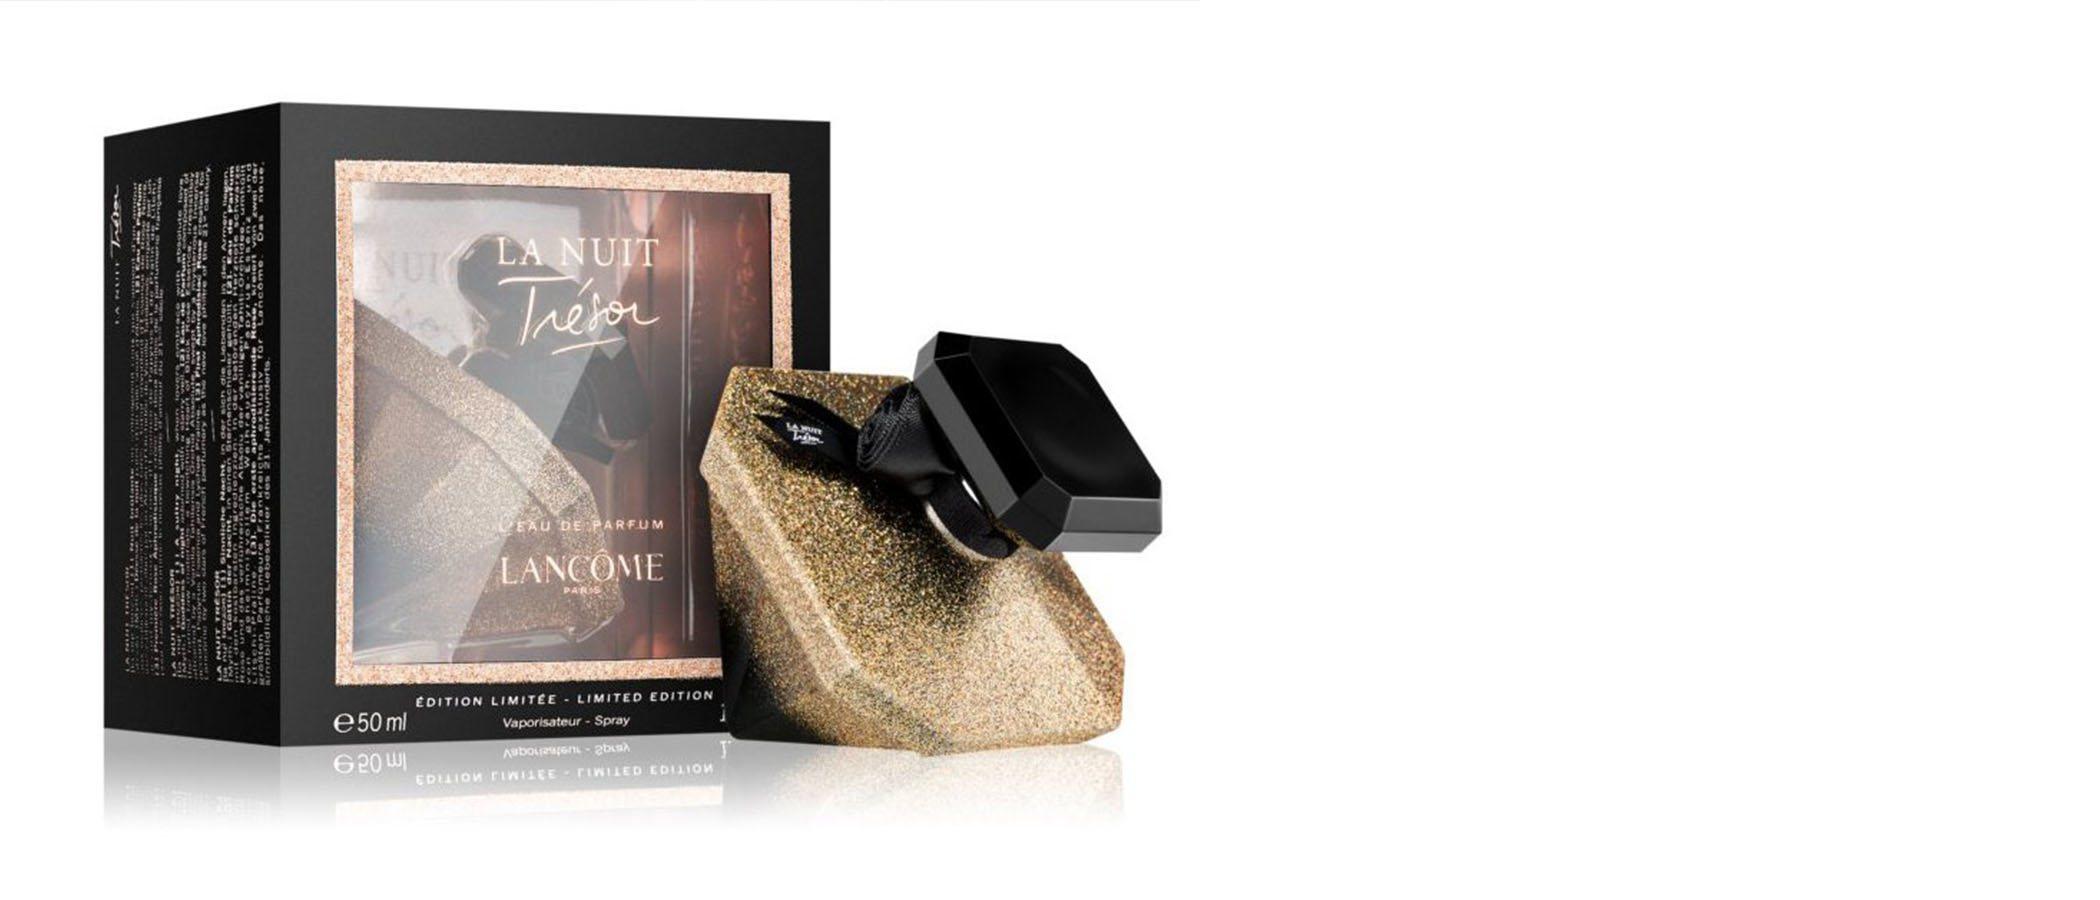 Lancôme lanza una edición de Navidad para coleccionistas de su famoso perfume 'La Nuit Tresor'